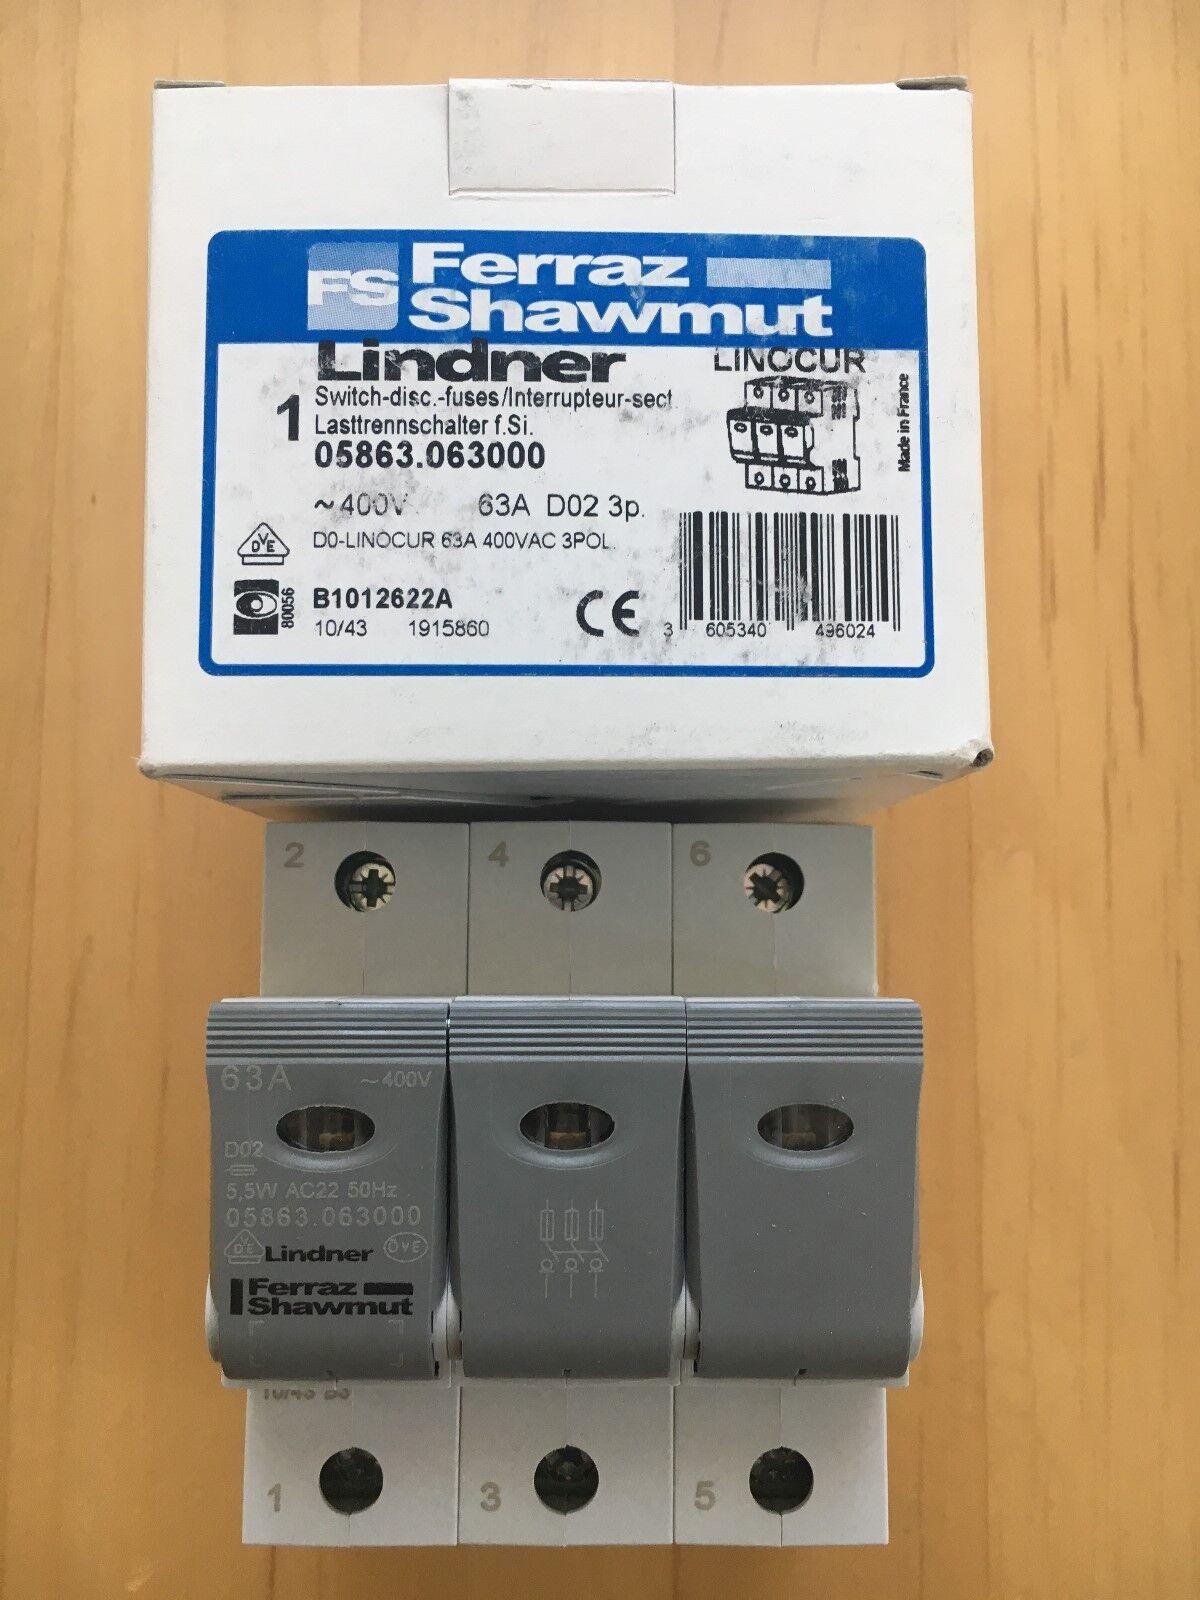 LindnerFerraz Shawmut Lasttrennschalter 3 Polig Linocur D02 63ANeu & OVP  | Schön